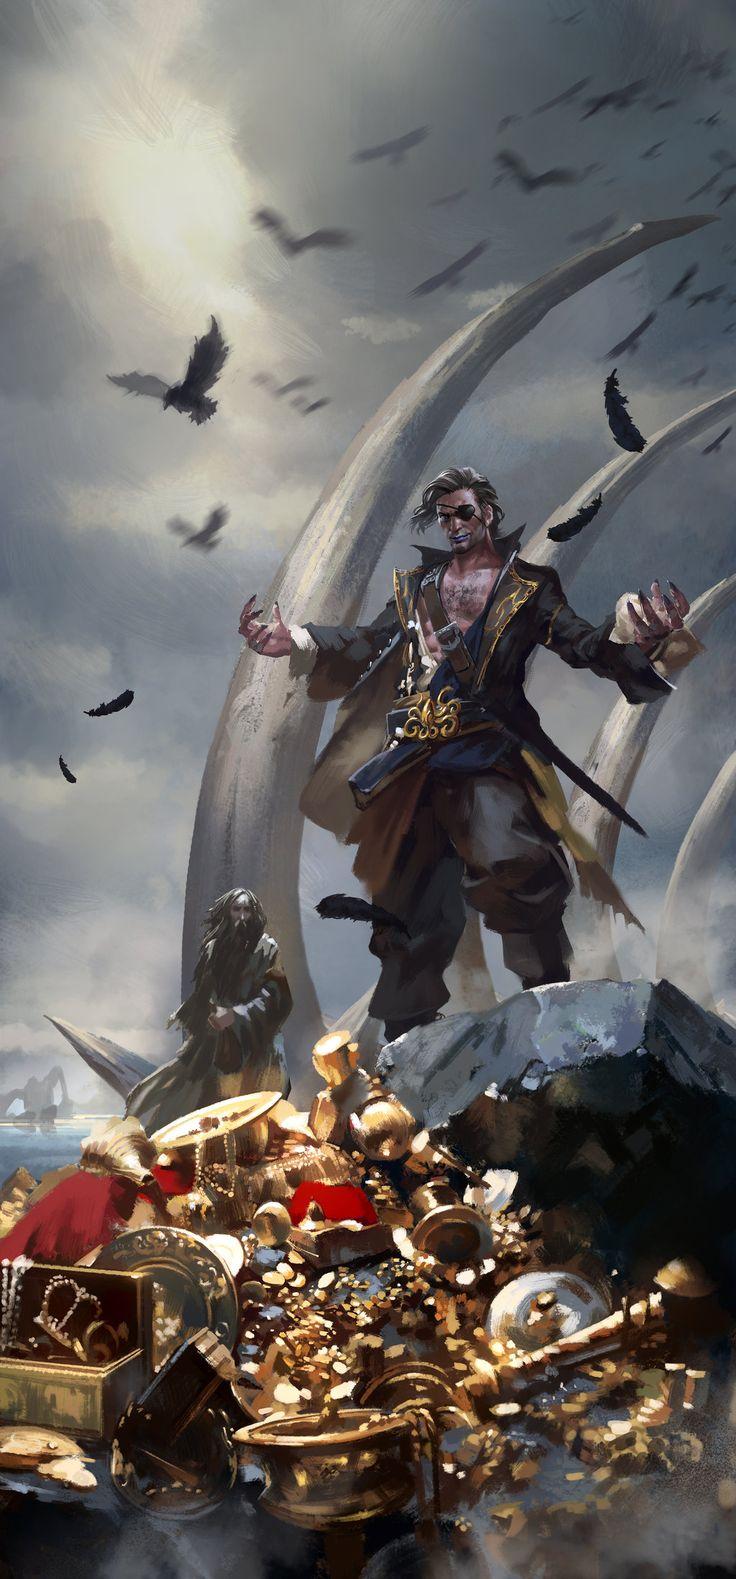 Raffaele Imperiale - Kingsmoot Euron Greyjoy